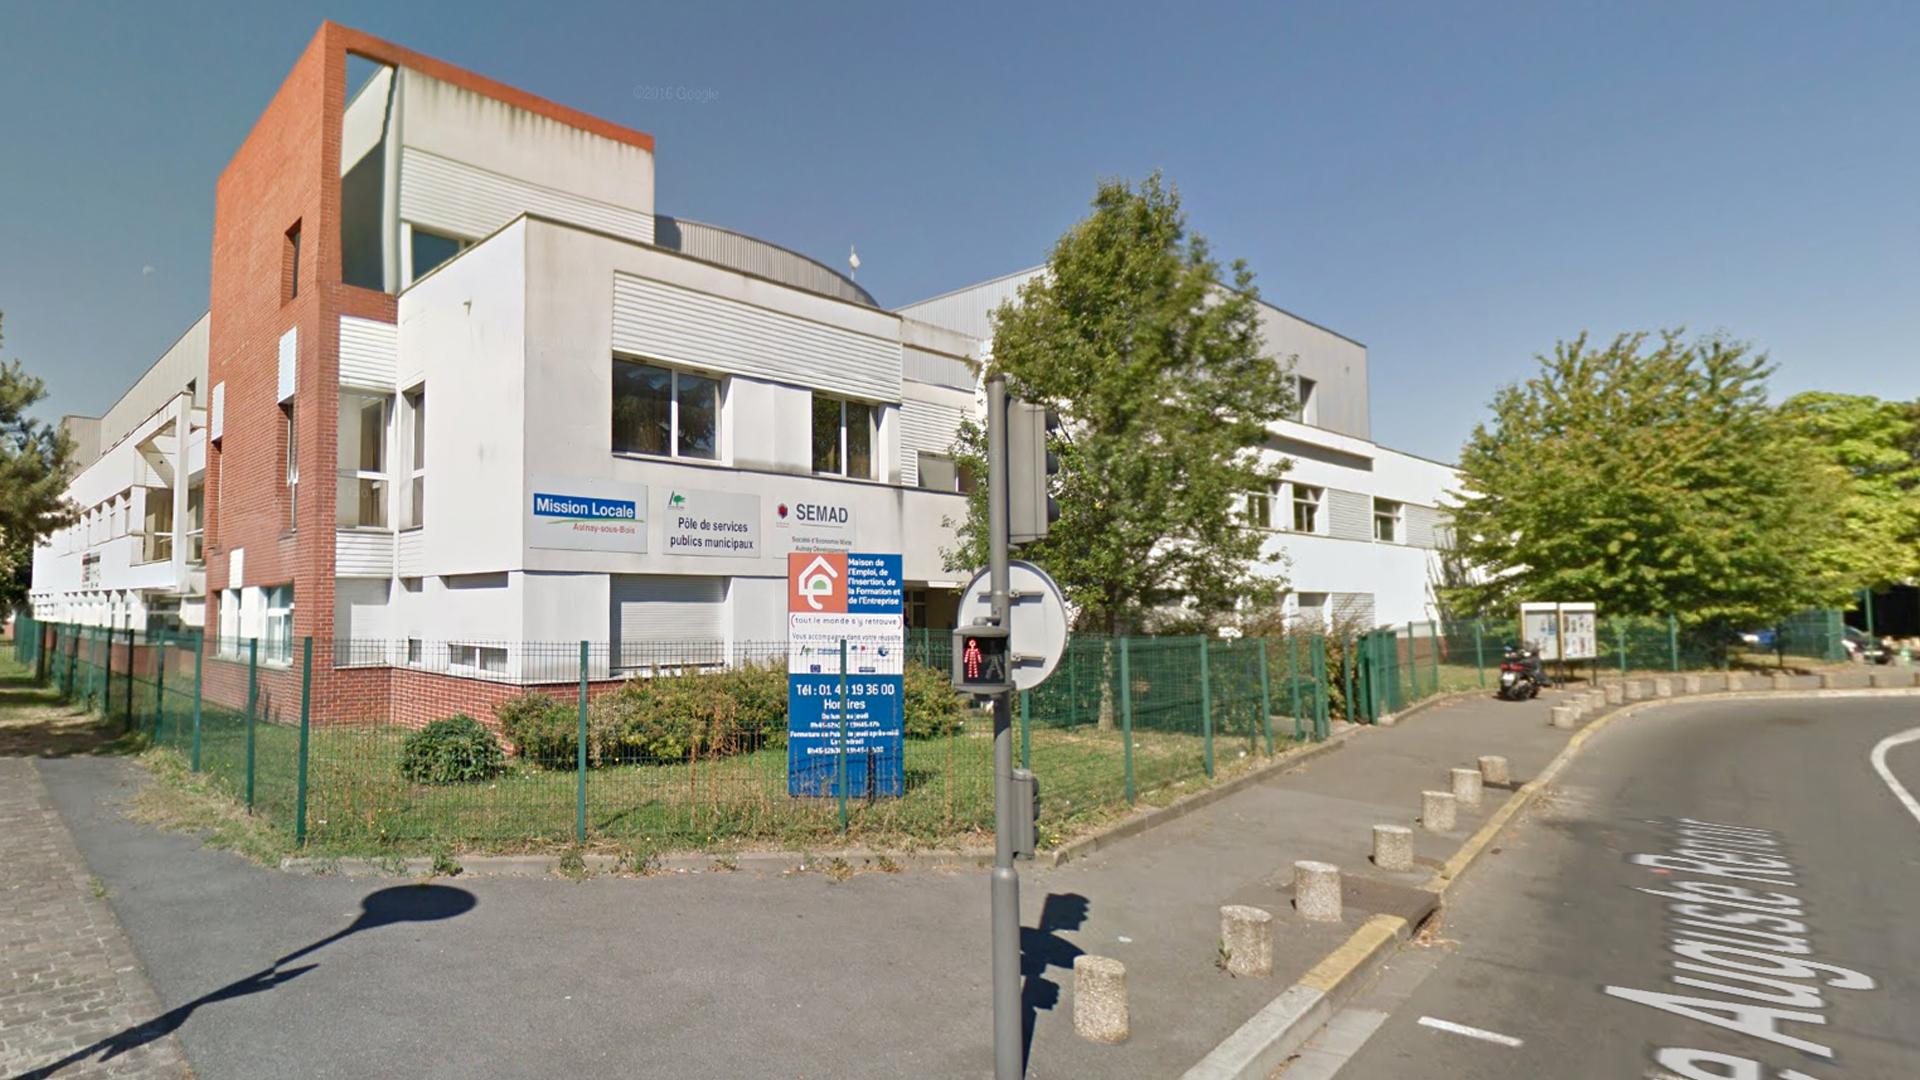 La Maison de l u2019Emploi vous ouvre ses portes le 23 septembre u2013 93600INFOS fr # Pole Emploi Aulnay Sous Bois